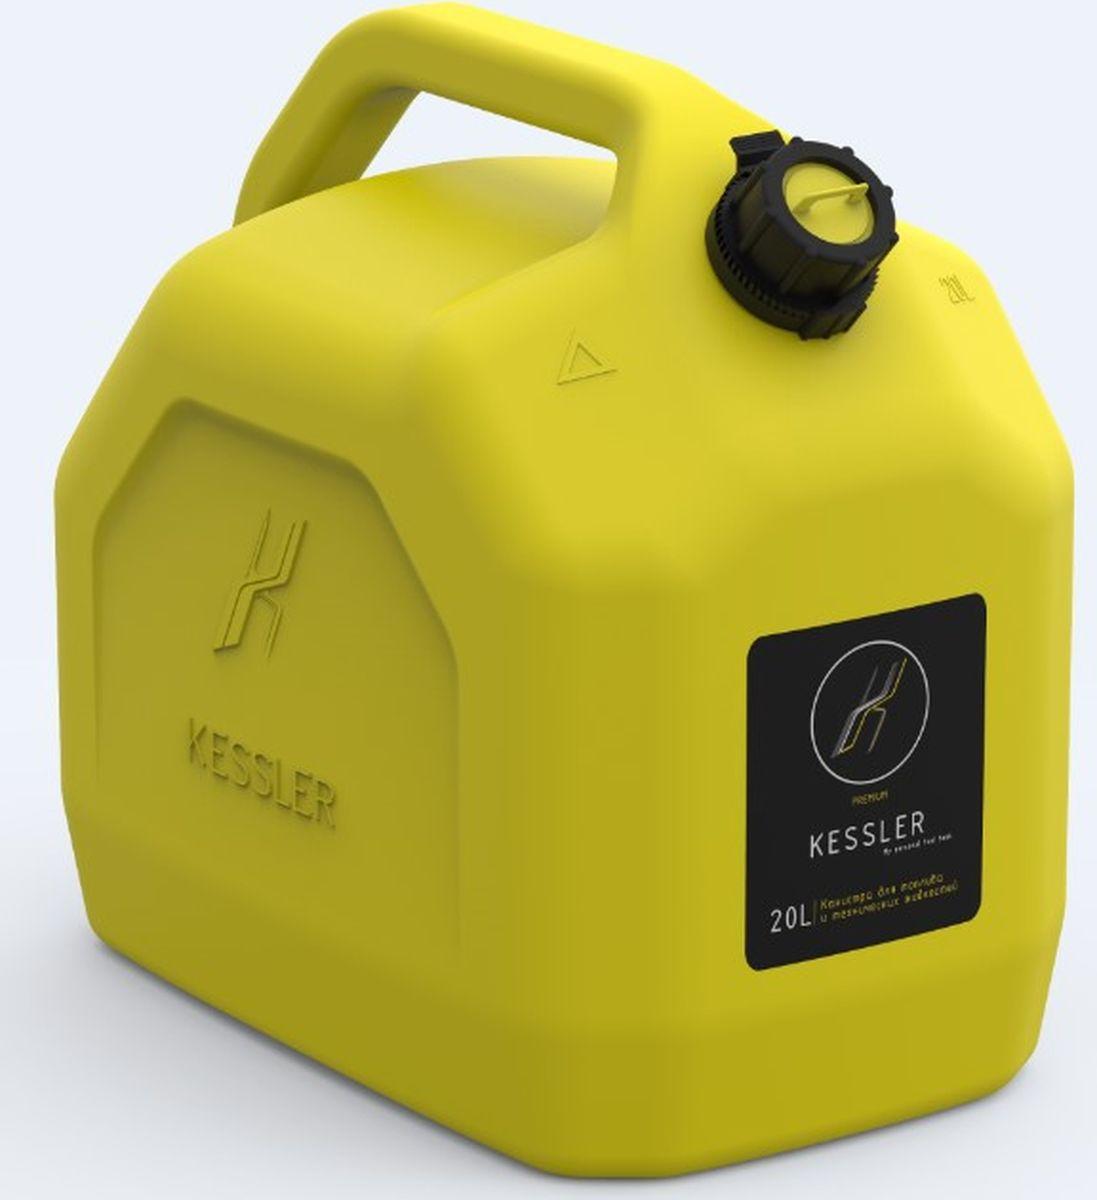 Канистра для топлива Kessler Oktan Premium, 20 л канистра пластиковая phantom для гсм 5 л